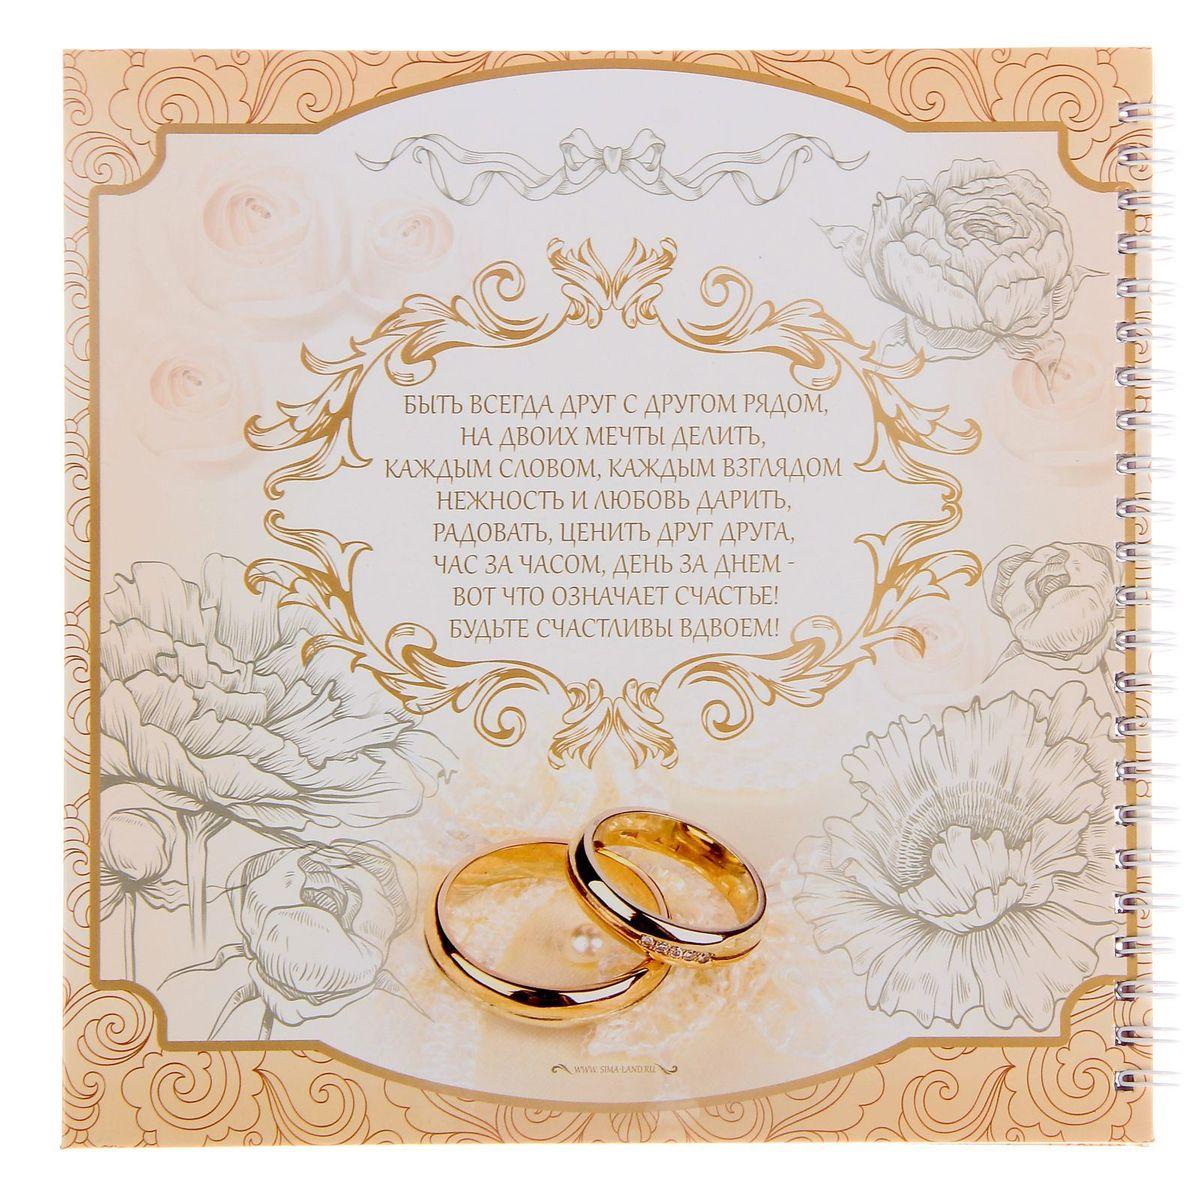 Очень красивое поздравление с днем свадьбы